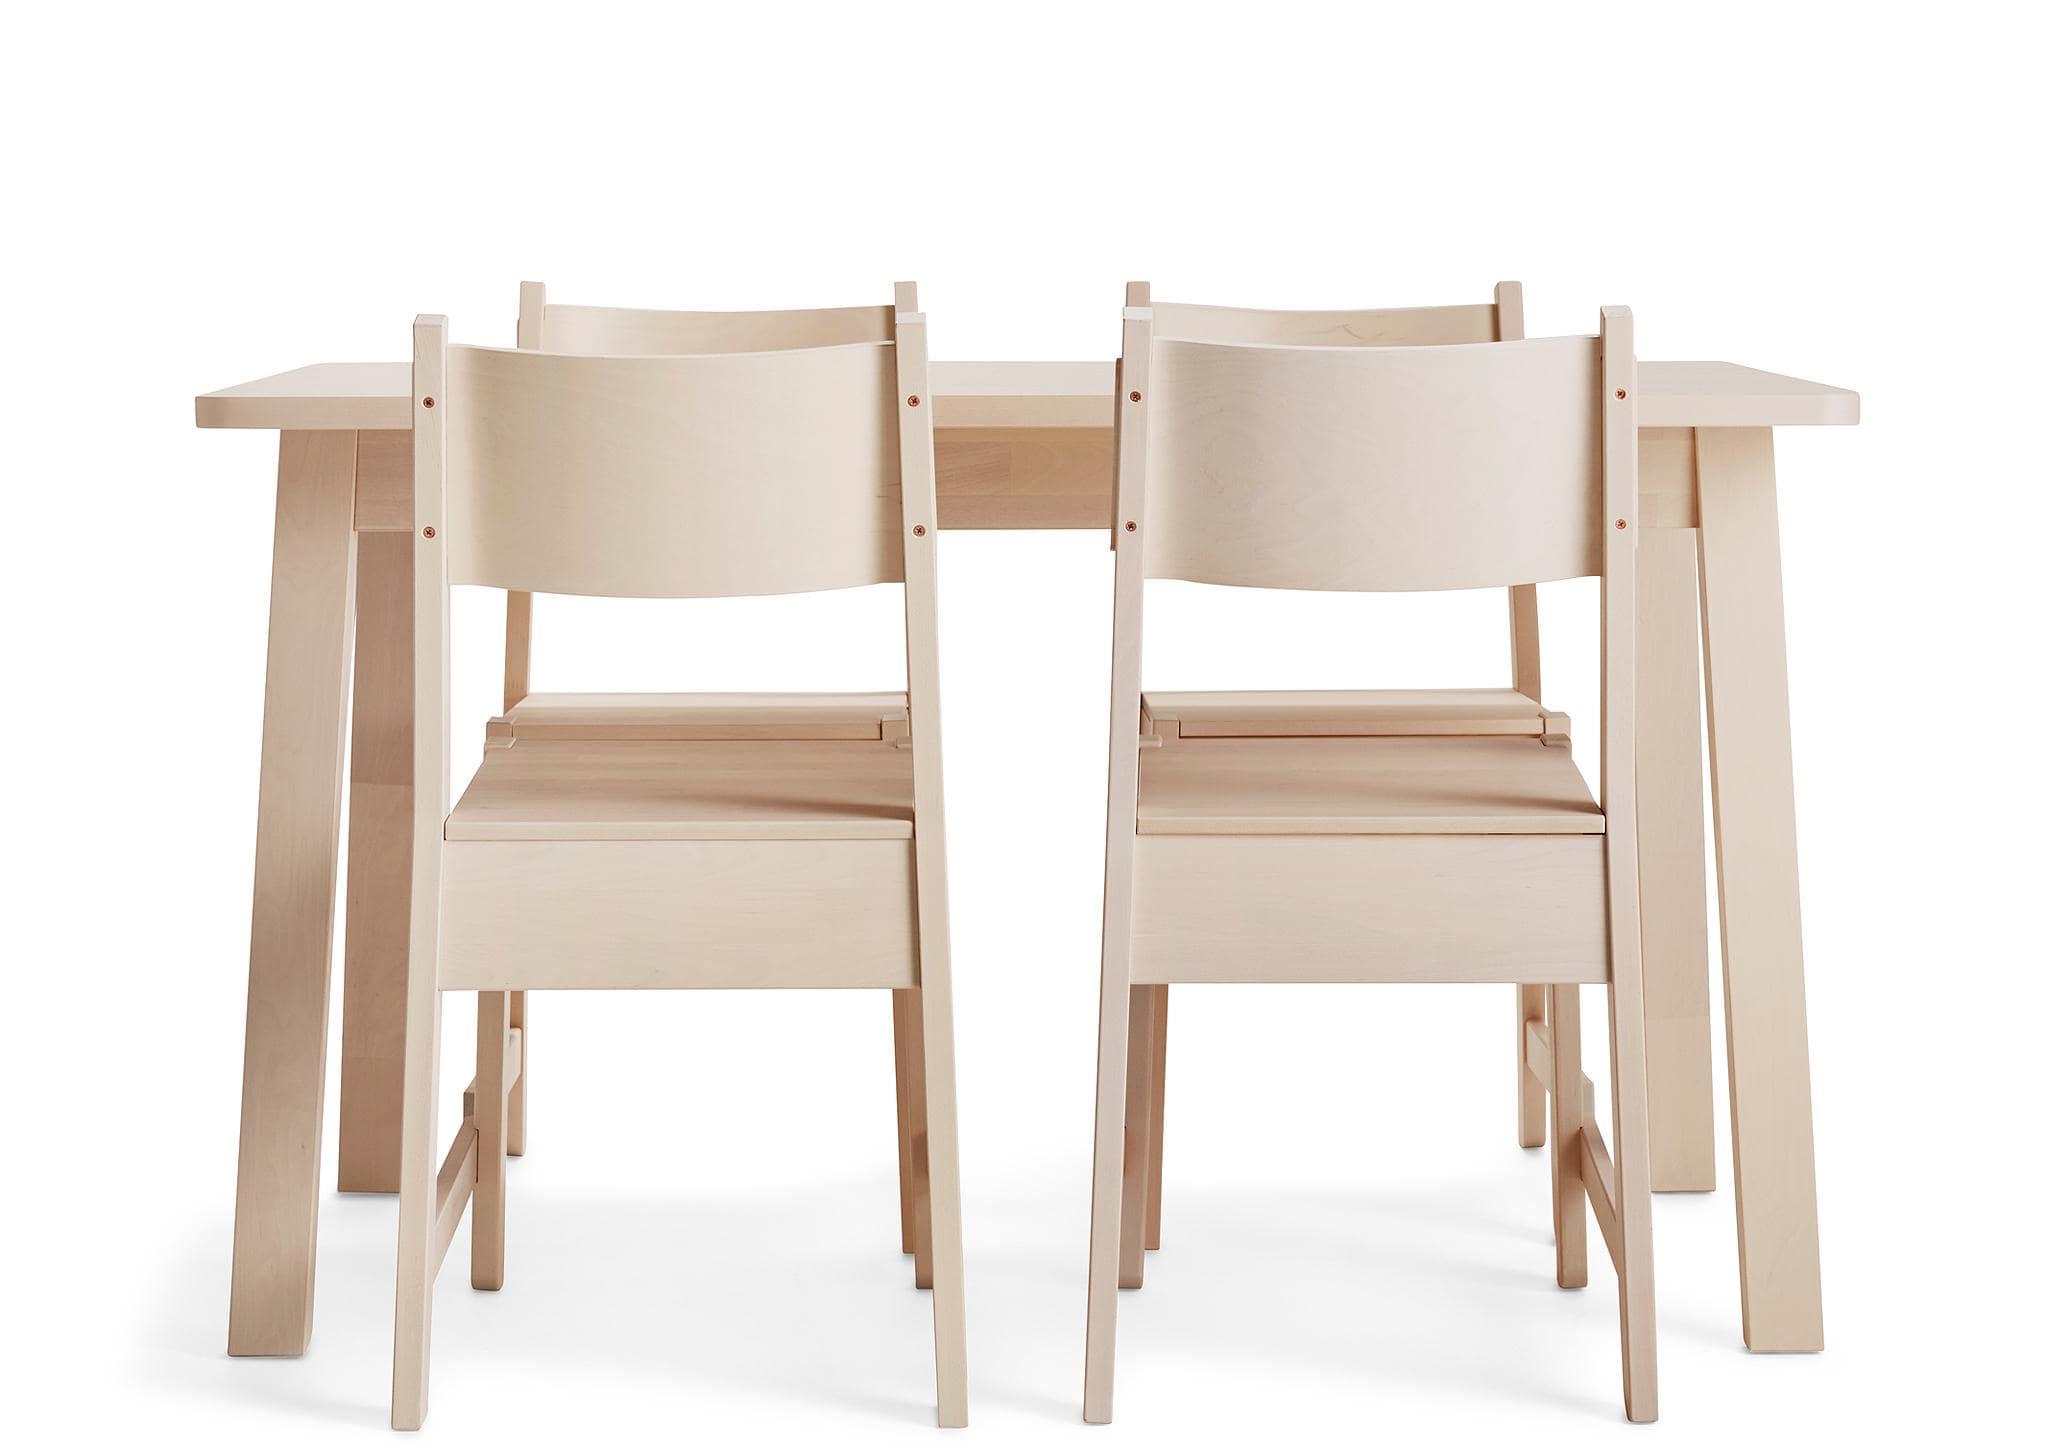 Conjunto Mesa Y Sillas Comedor Ikea 9ddf Conjuntos De Edor Mesas Y Sillas Pra Online Ikea